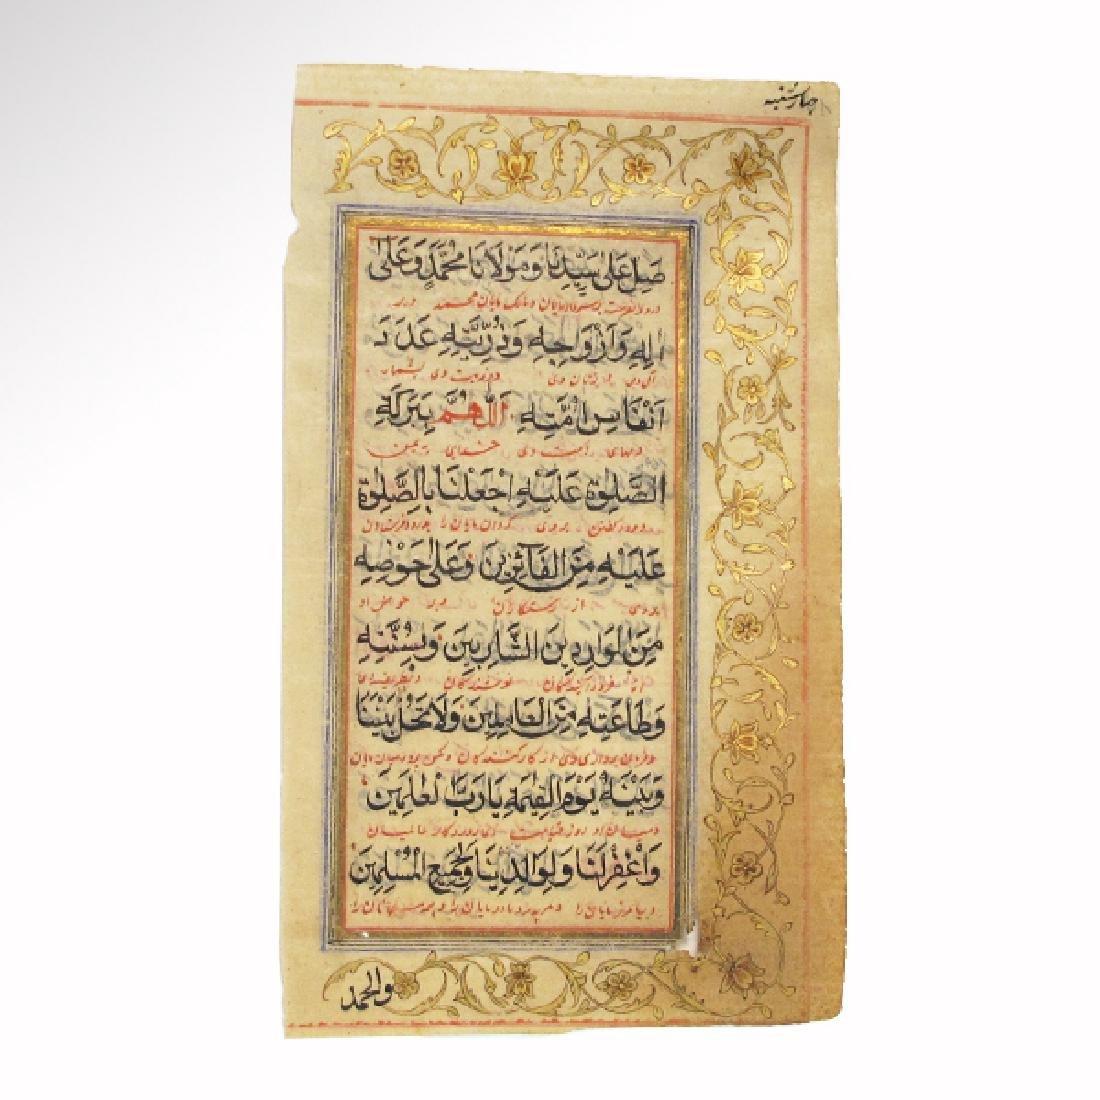 Illuminated and Gilt Manuscript in Arabic and Farsi,